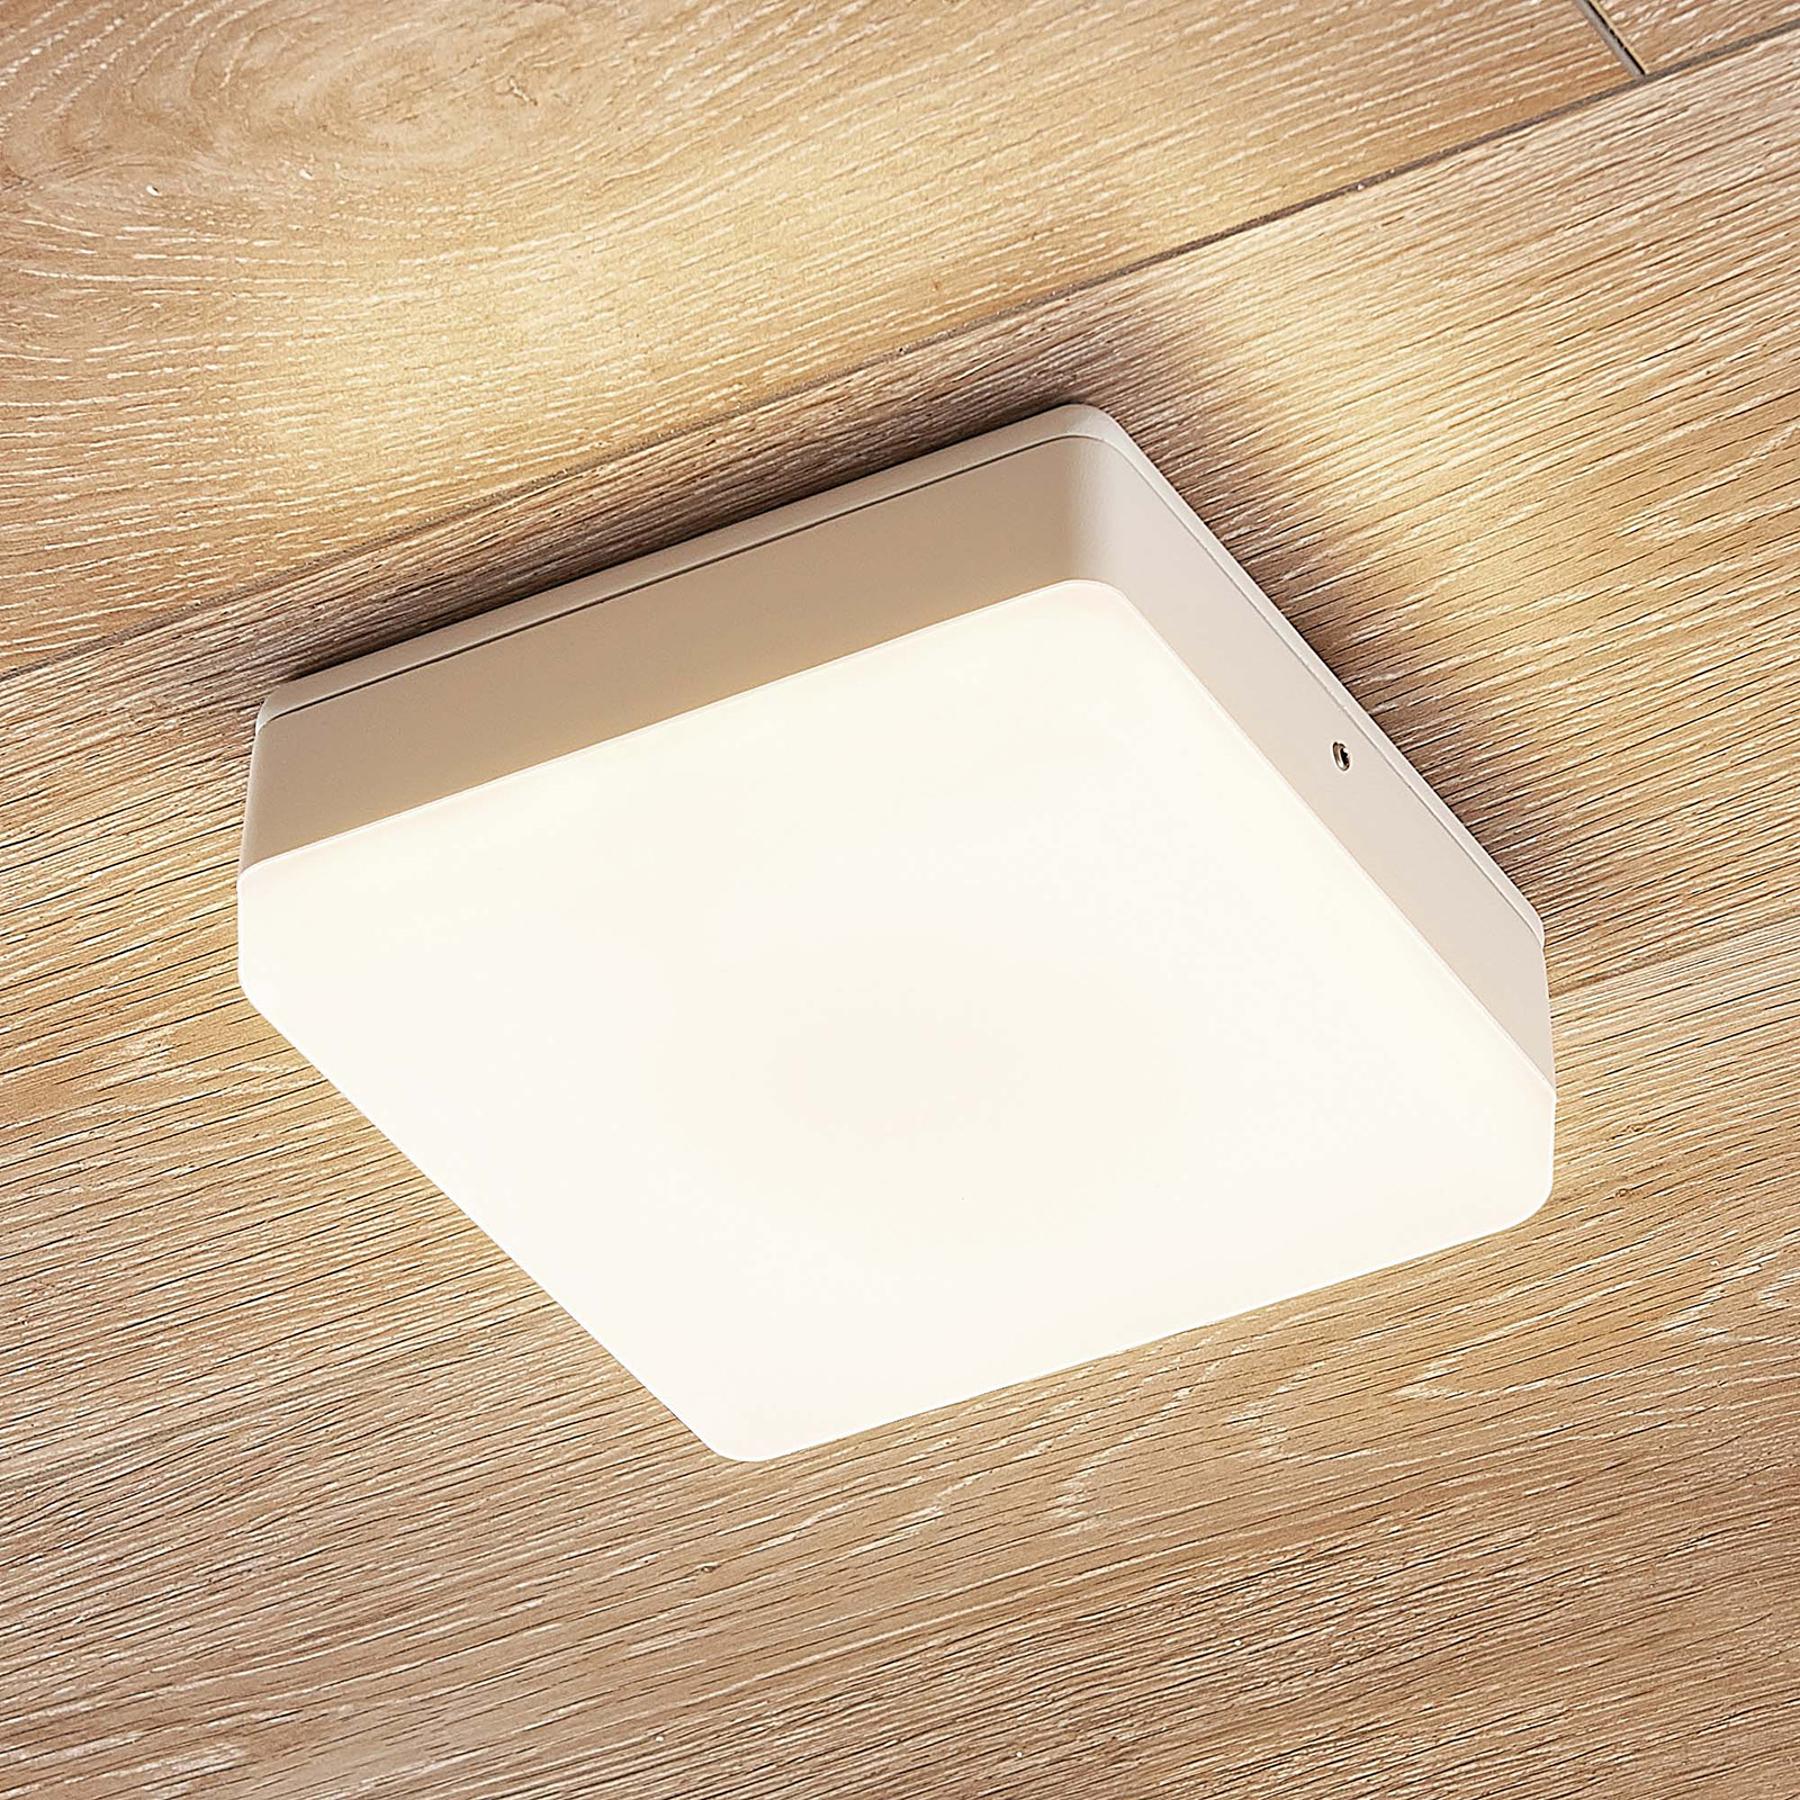 LED-kattovalaisin Thilo valkoinen 16 cm sensori TL